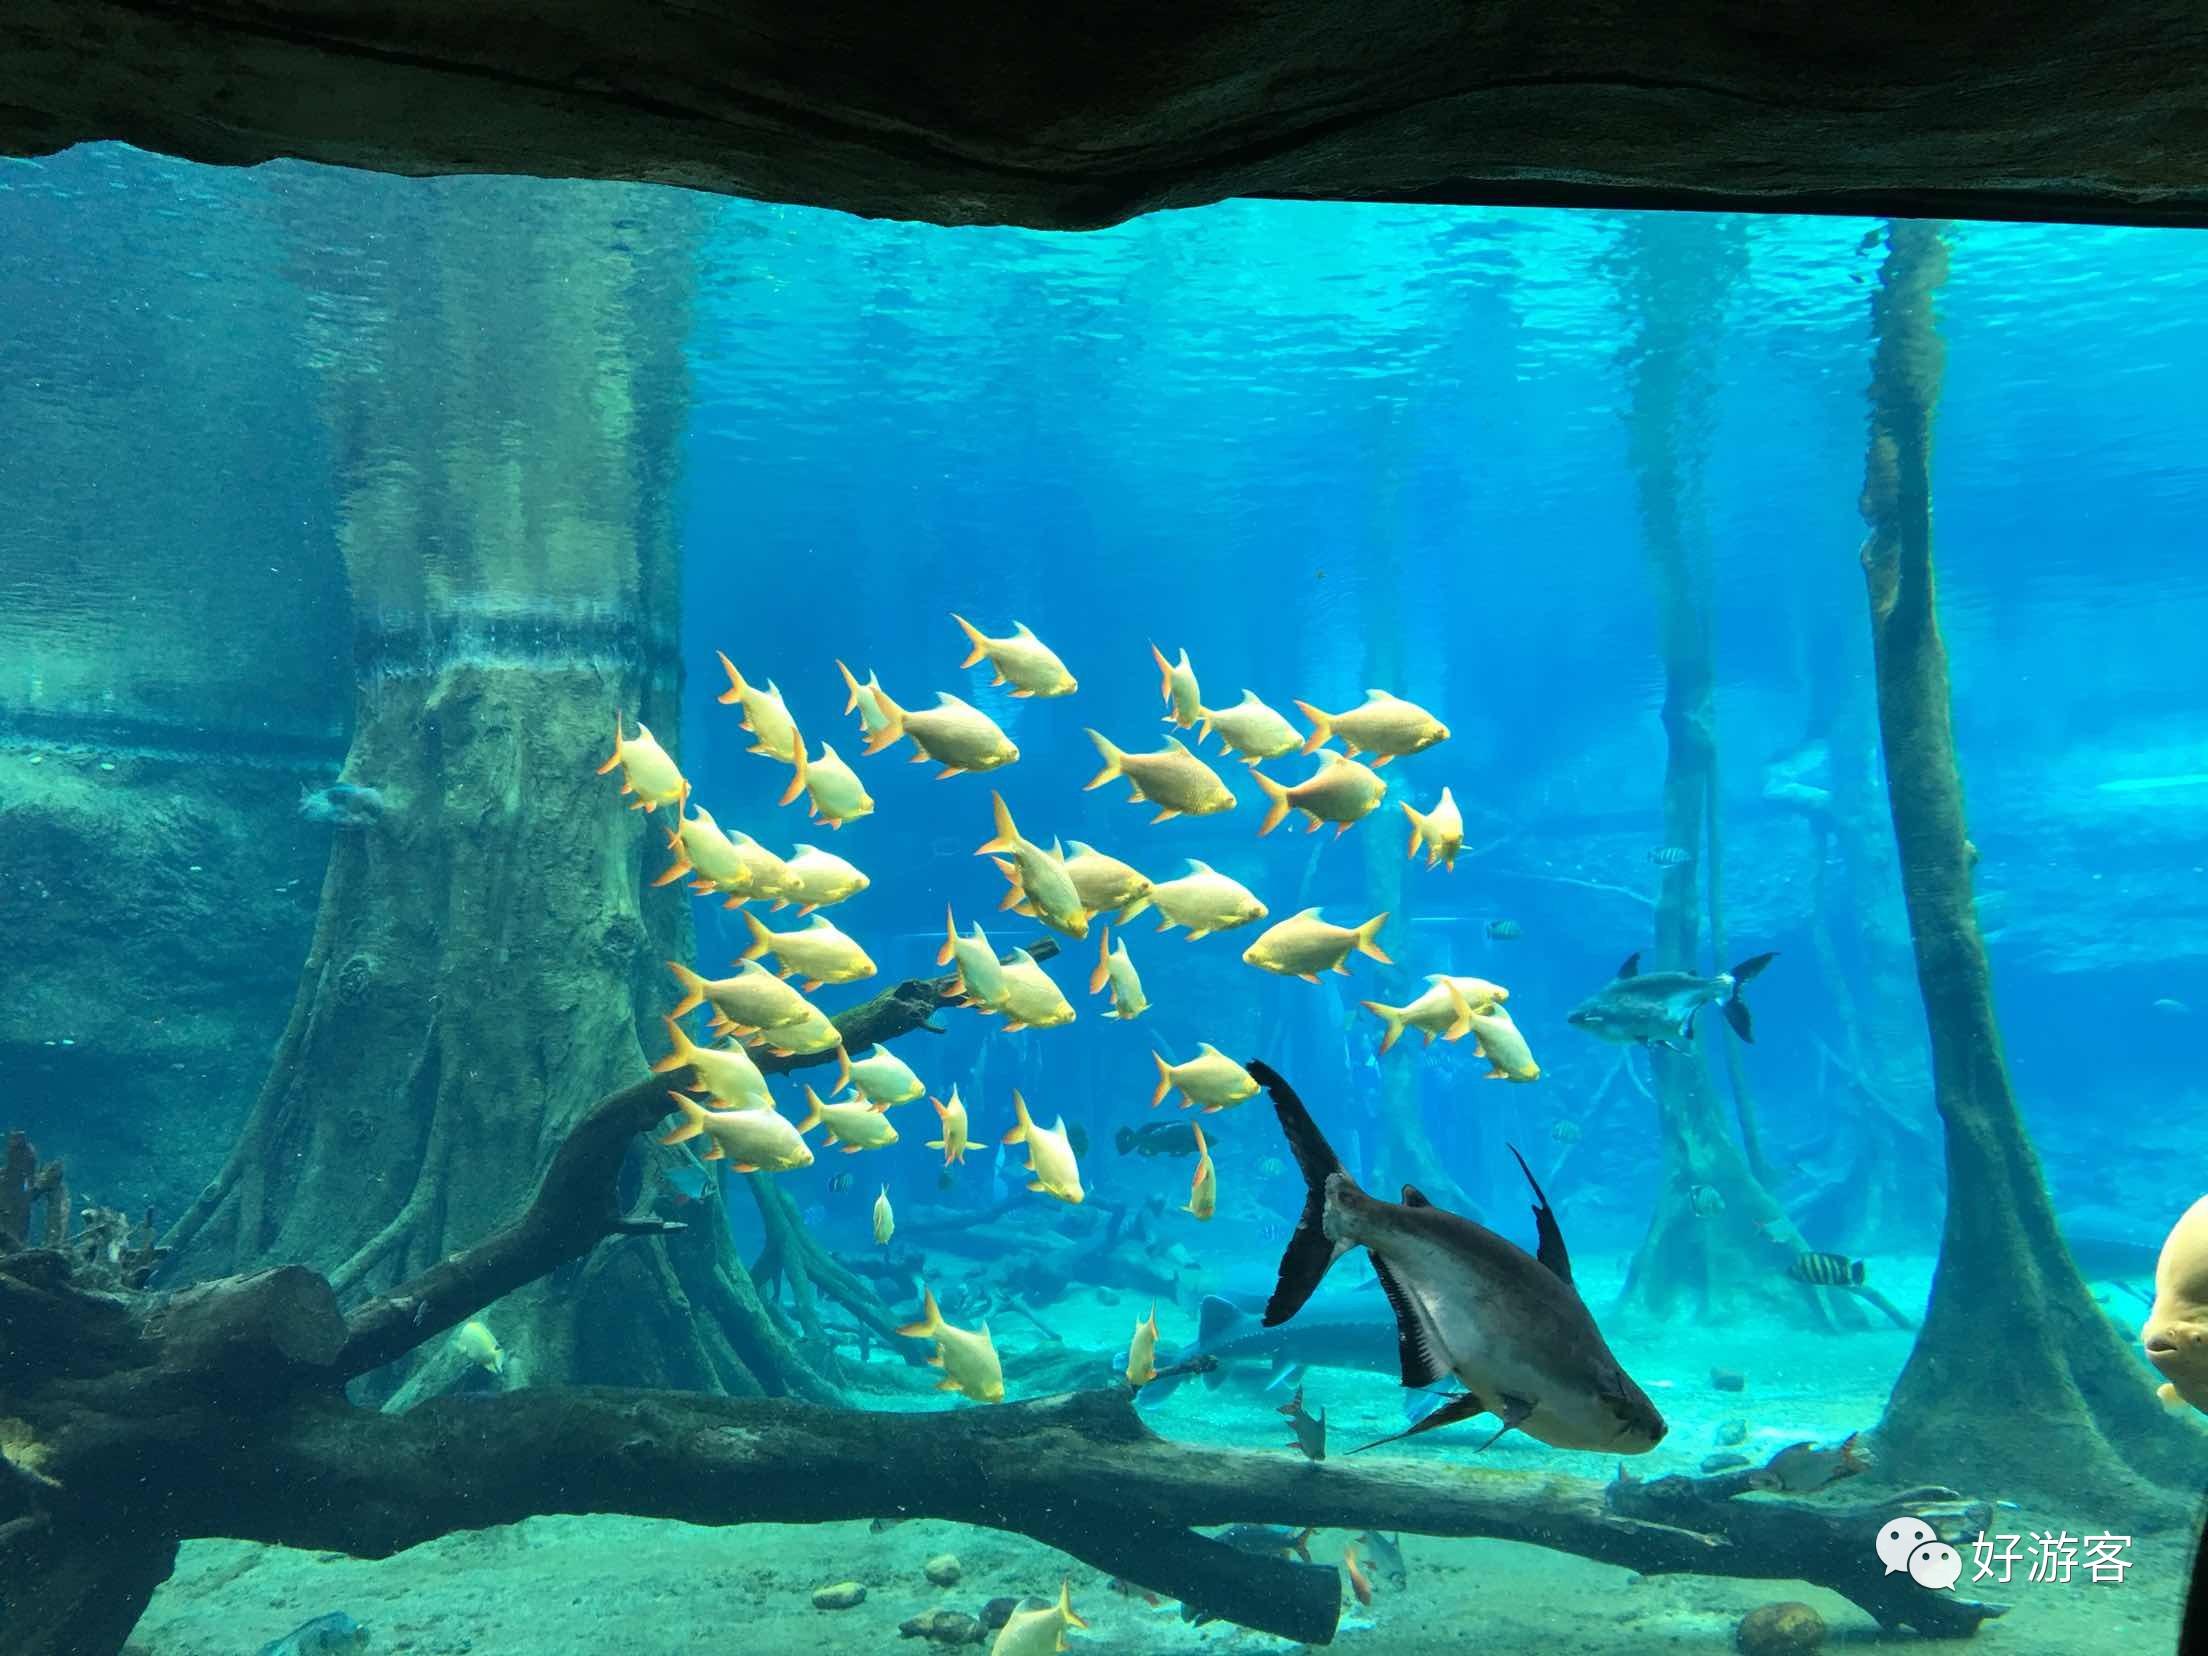 双长隆— 广州野生动物世界,珠海海洋王国,圆明新园三天游